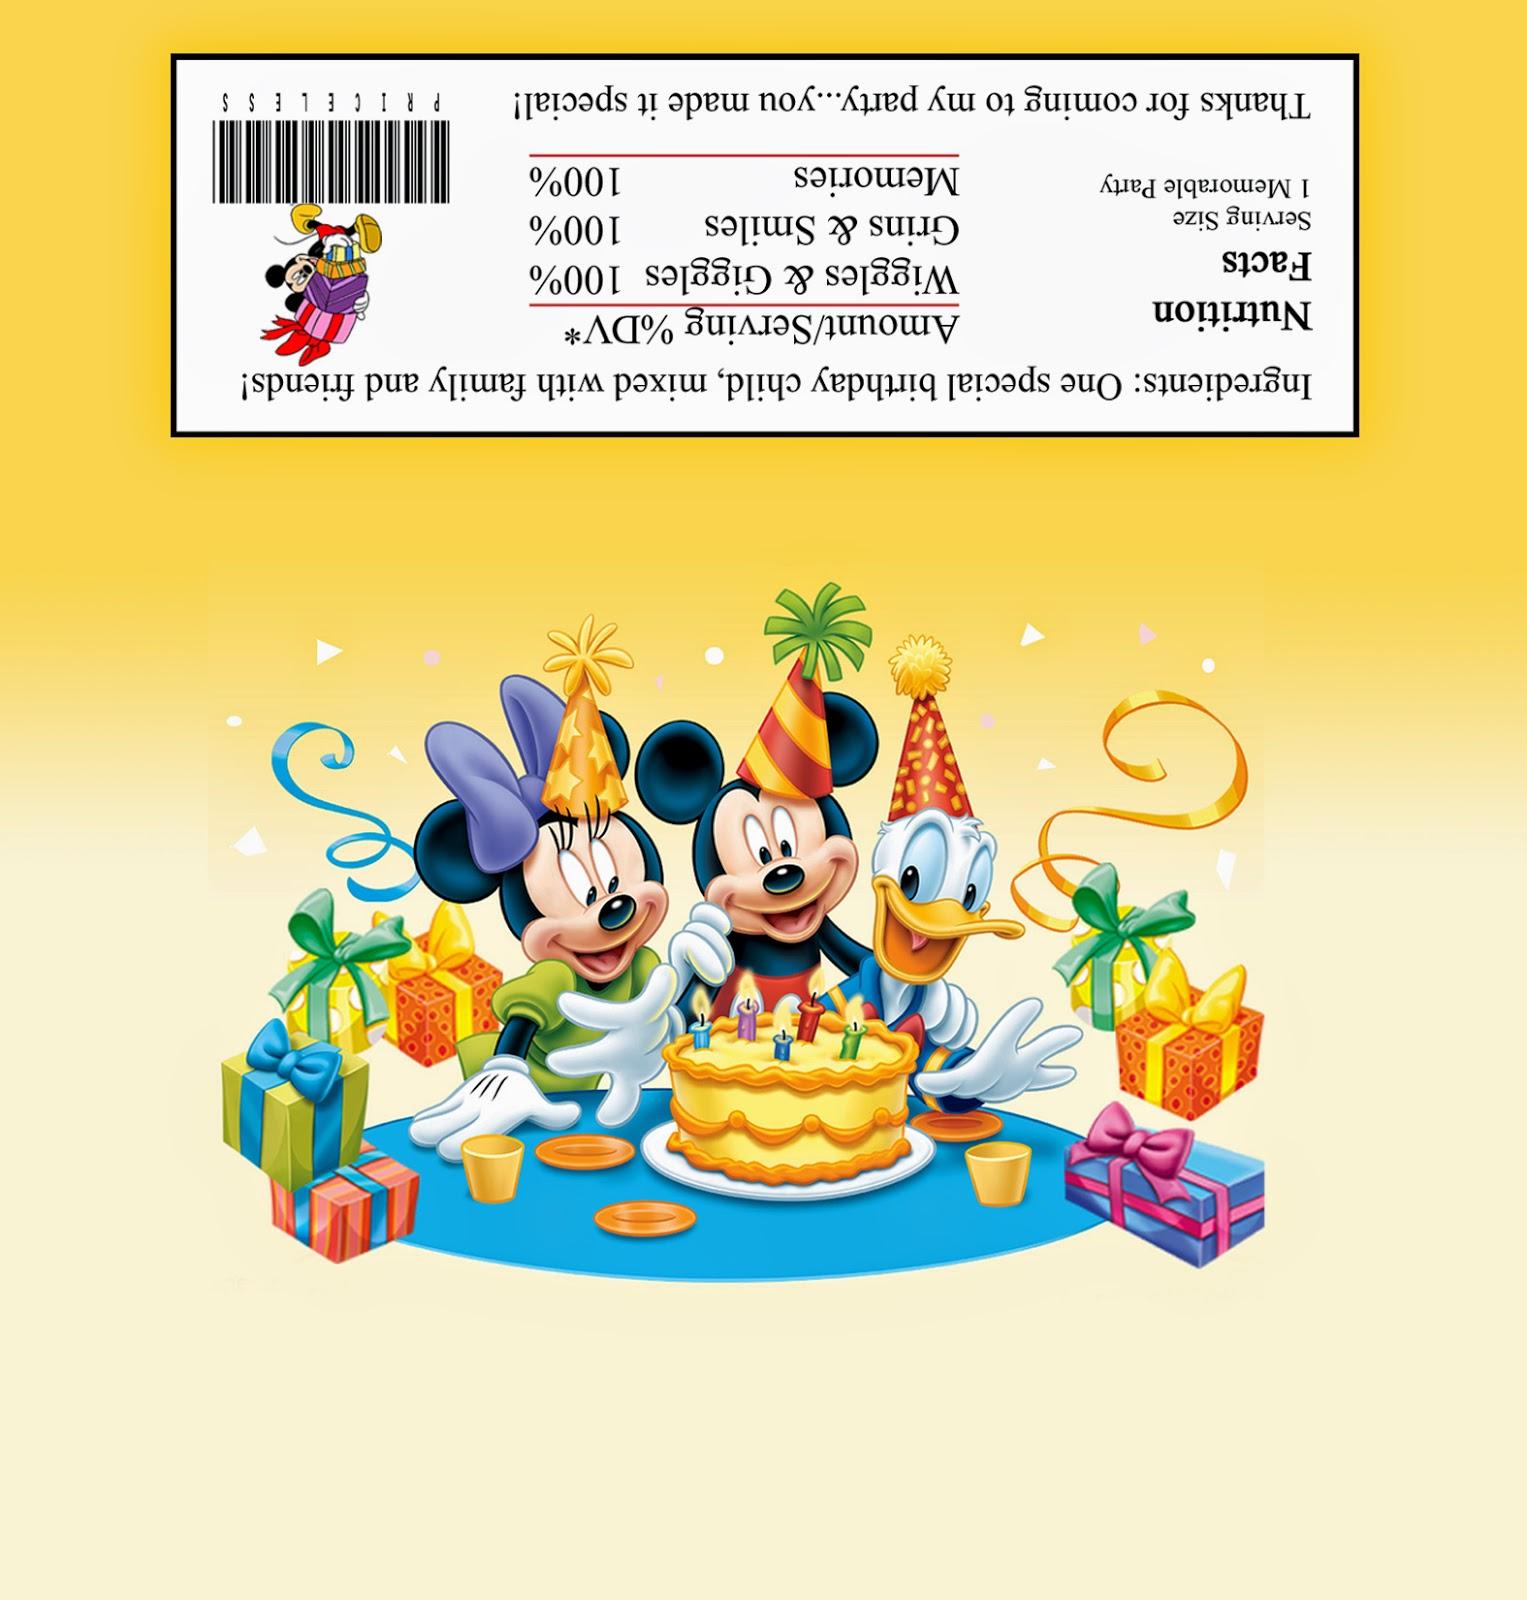 Etiqueta para Chocolates de Minnie, Mickey y Donald para Imprimir Gratis.